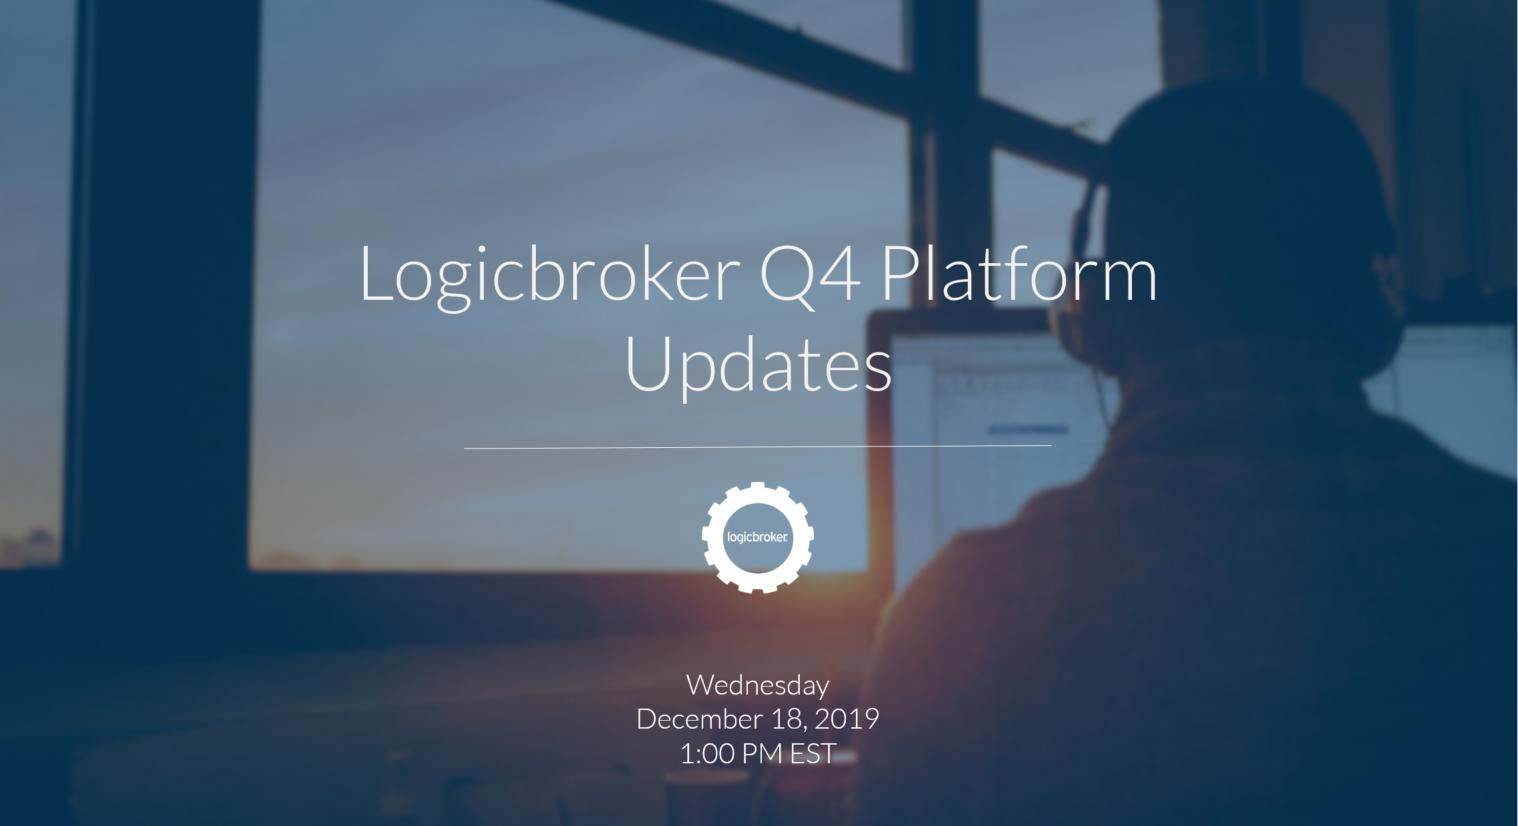 q4 platform updates email header